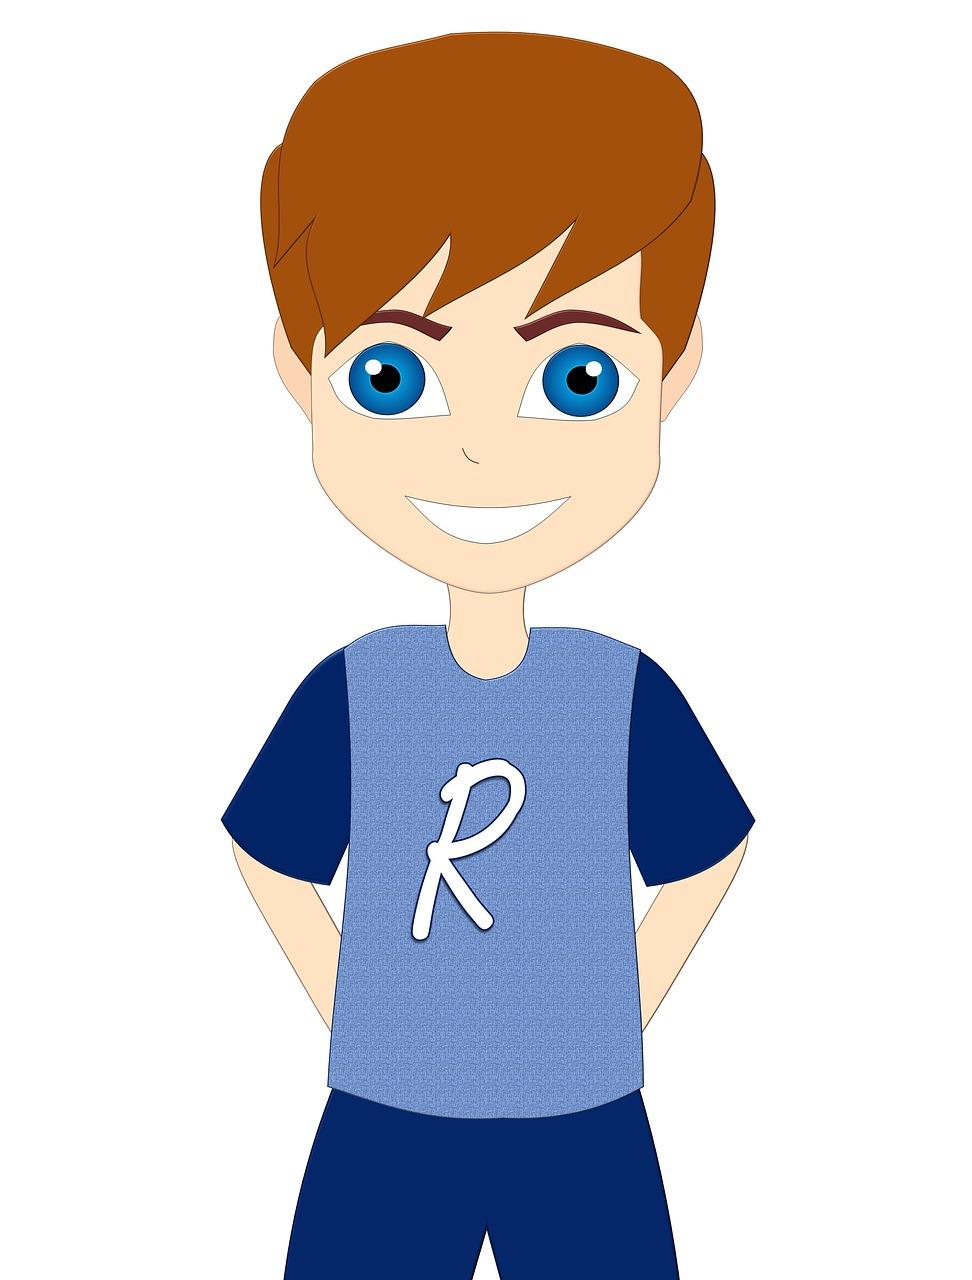 Cartoon Boy Child Free Image On Pixabay